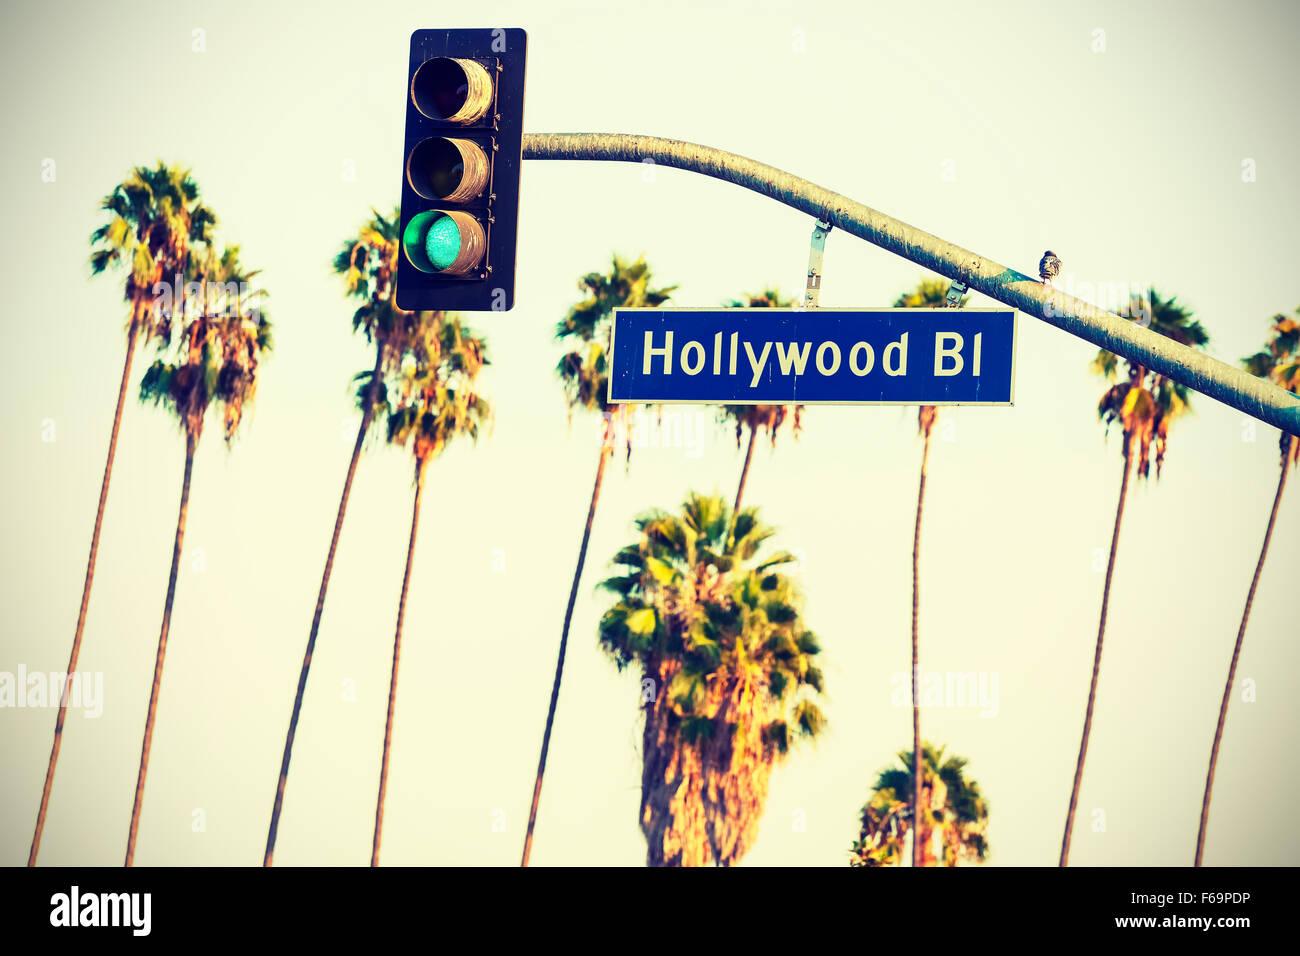 Überqueren Sie verarbeitete Hollywood Boulevard-Schild und Ampeln mit Palmen im Hintergrund, Los Angeles, USA. Stockbild